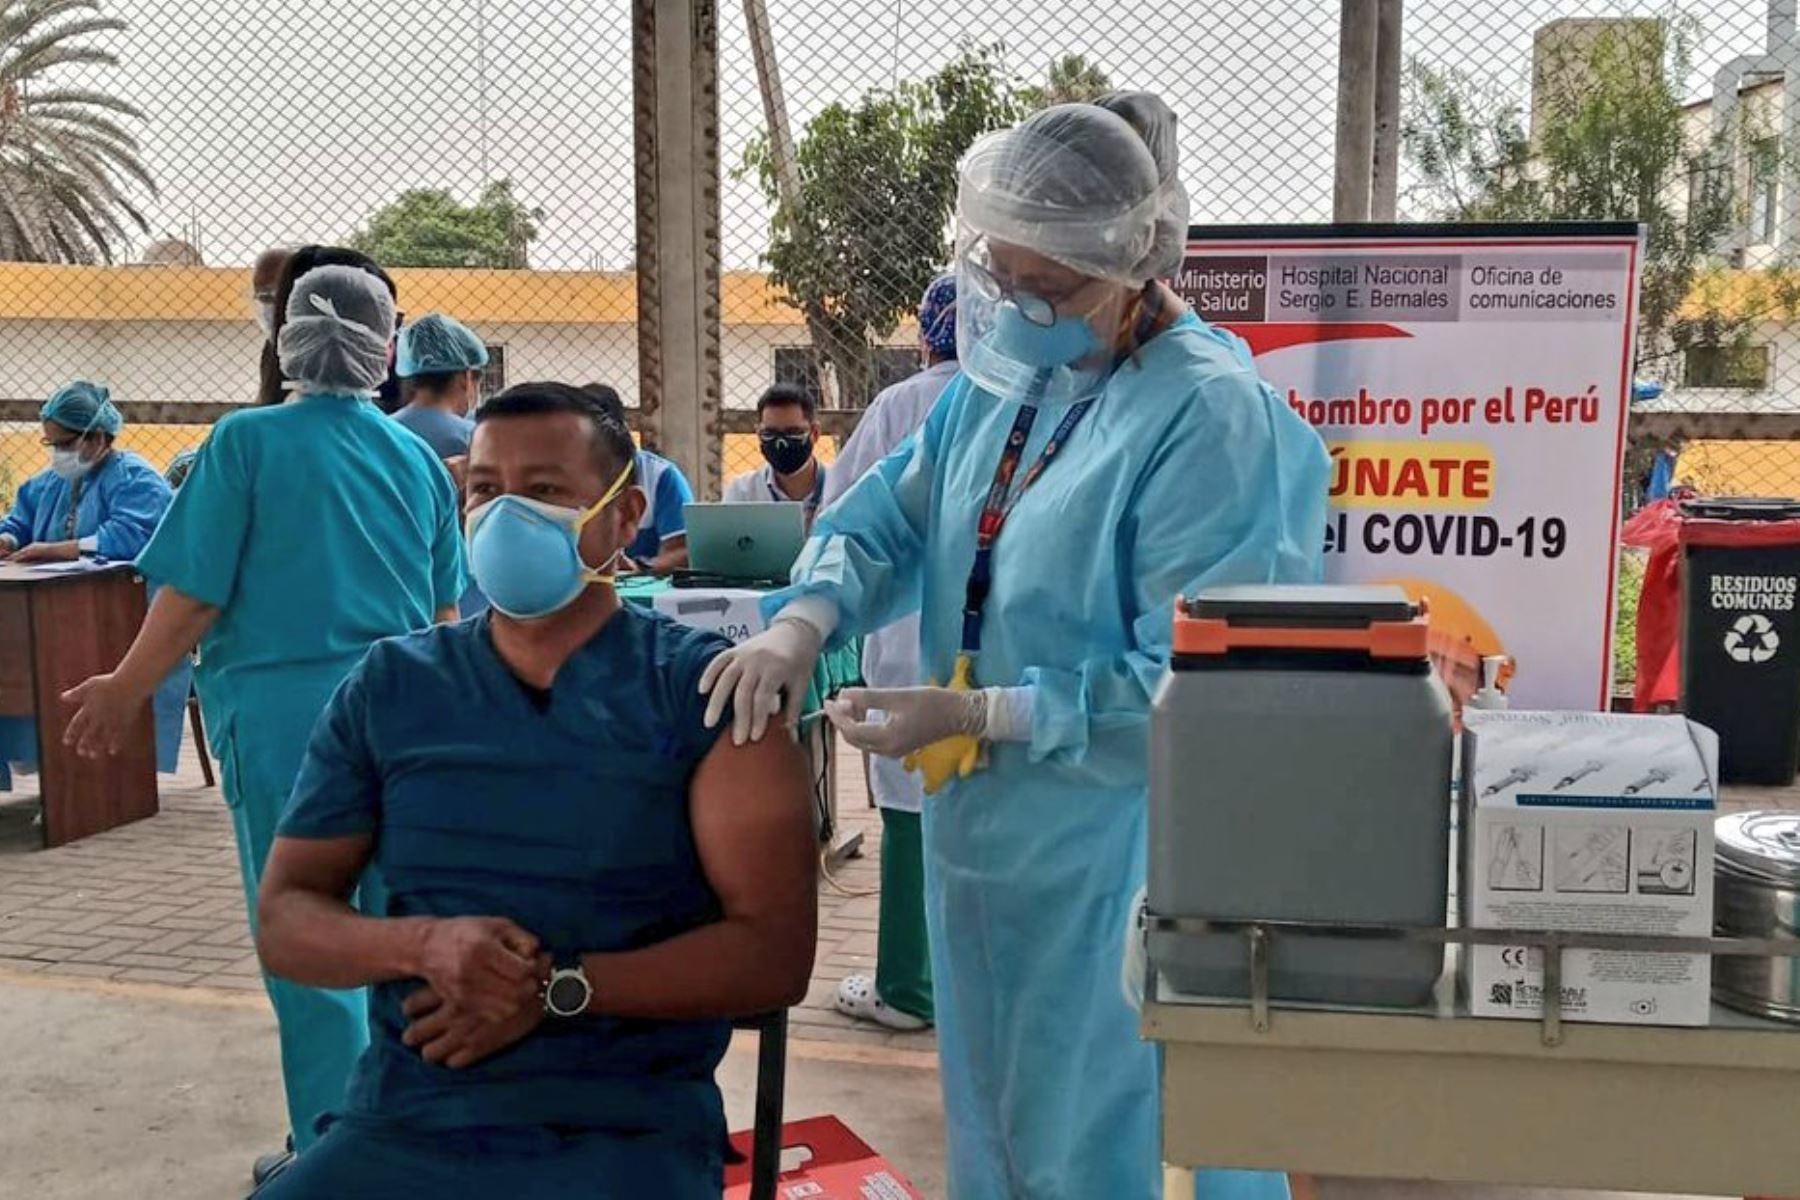 El Ministerio de Salud empezó la aplicación de la segunda dosis de la vacuna contra la covid-19, en los hospitales de Lima Metropolitana. Foto: ANDINA/Minsa